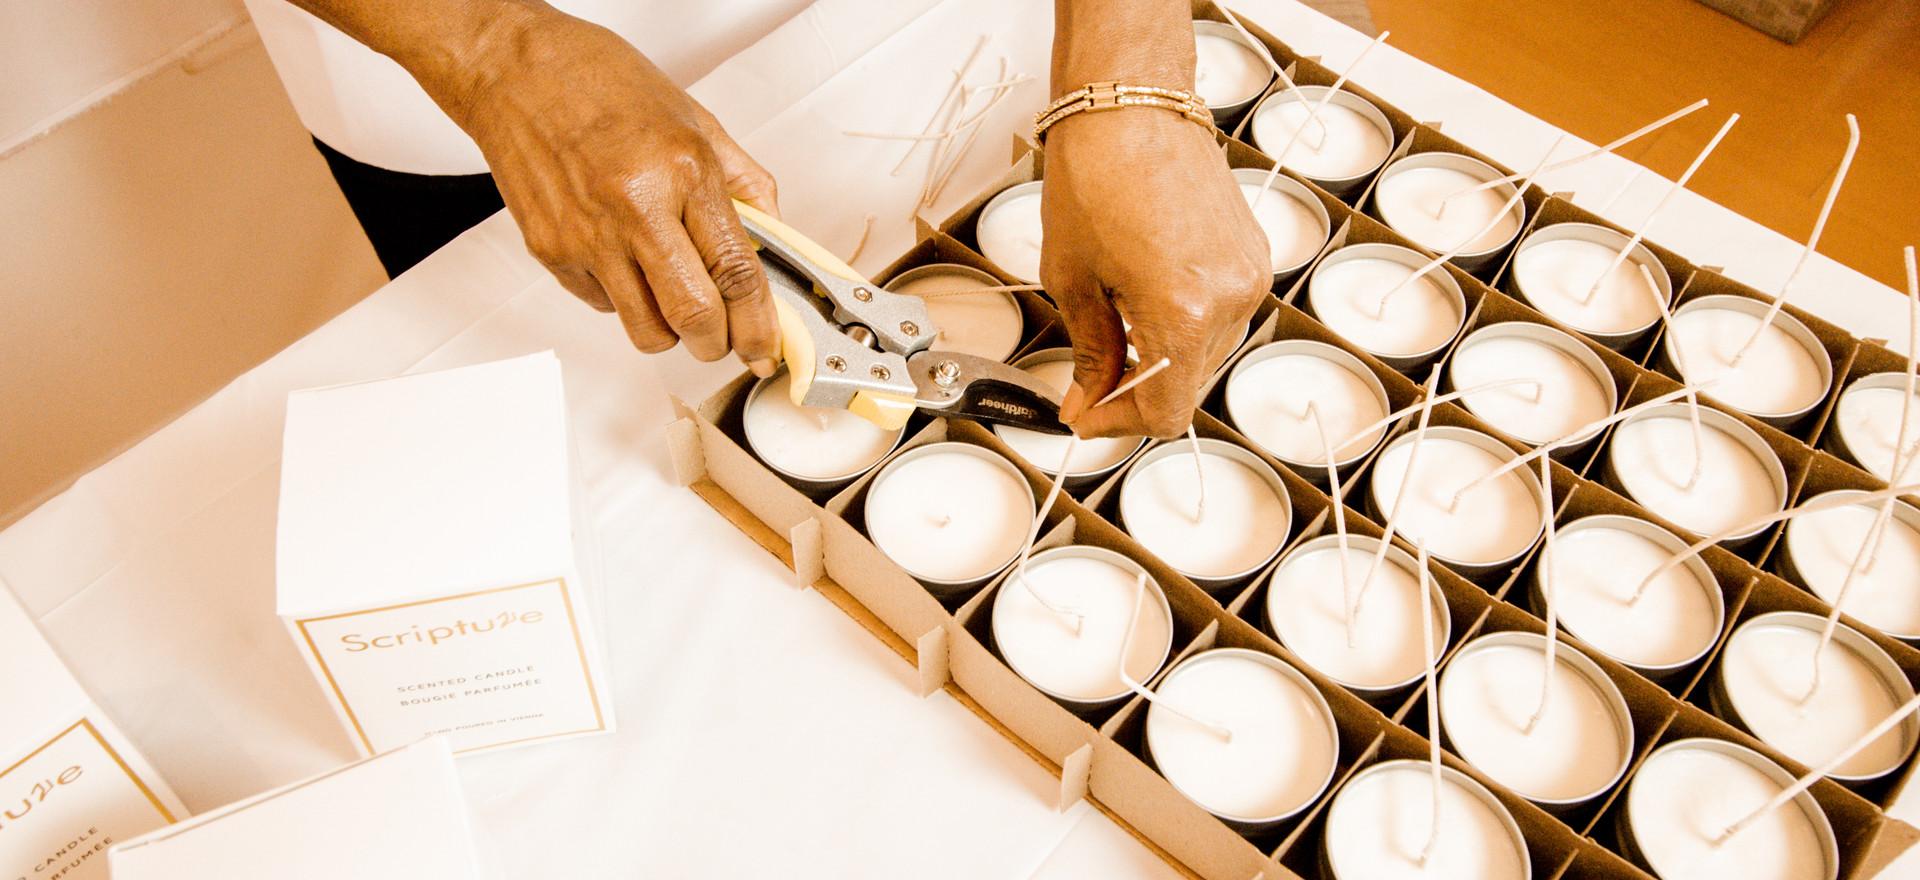 Candles-Process-Scriptureco-1002.JPG